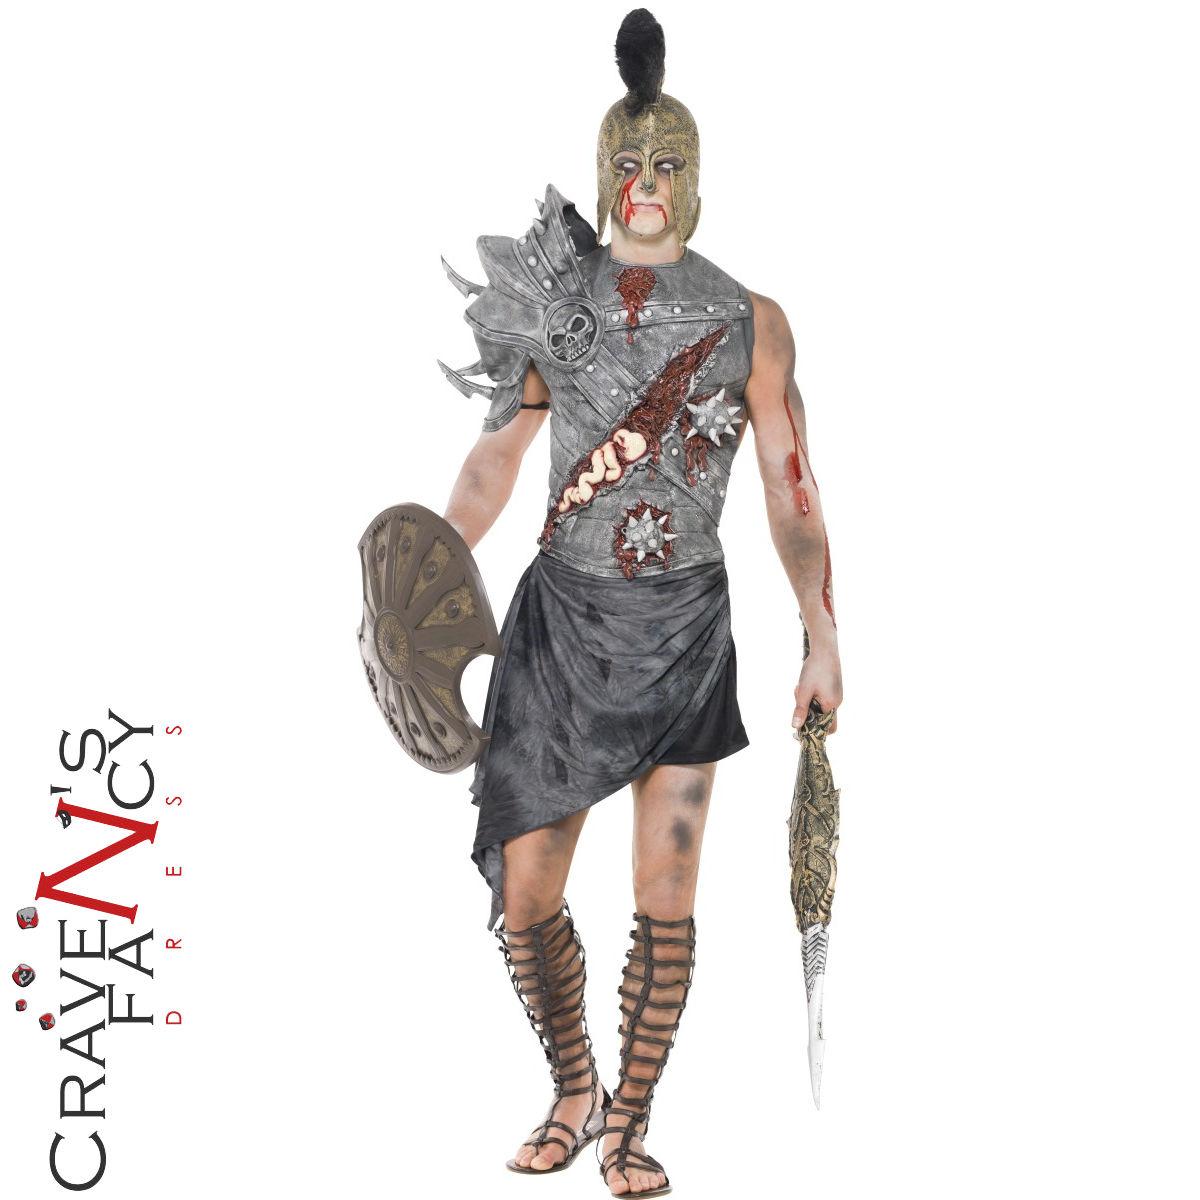 Dettagli su Adulti Zombie Costume Da Gladiatore Romano Guerriero Halloween  Abito Outfit Nuovi- mostra il titolo originale 6f4518272752